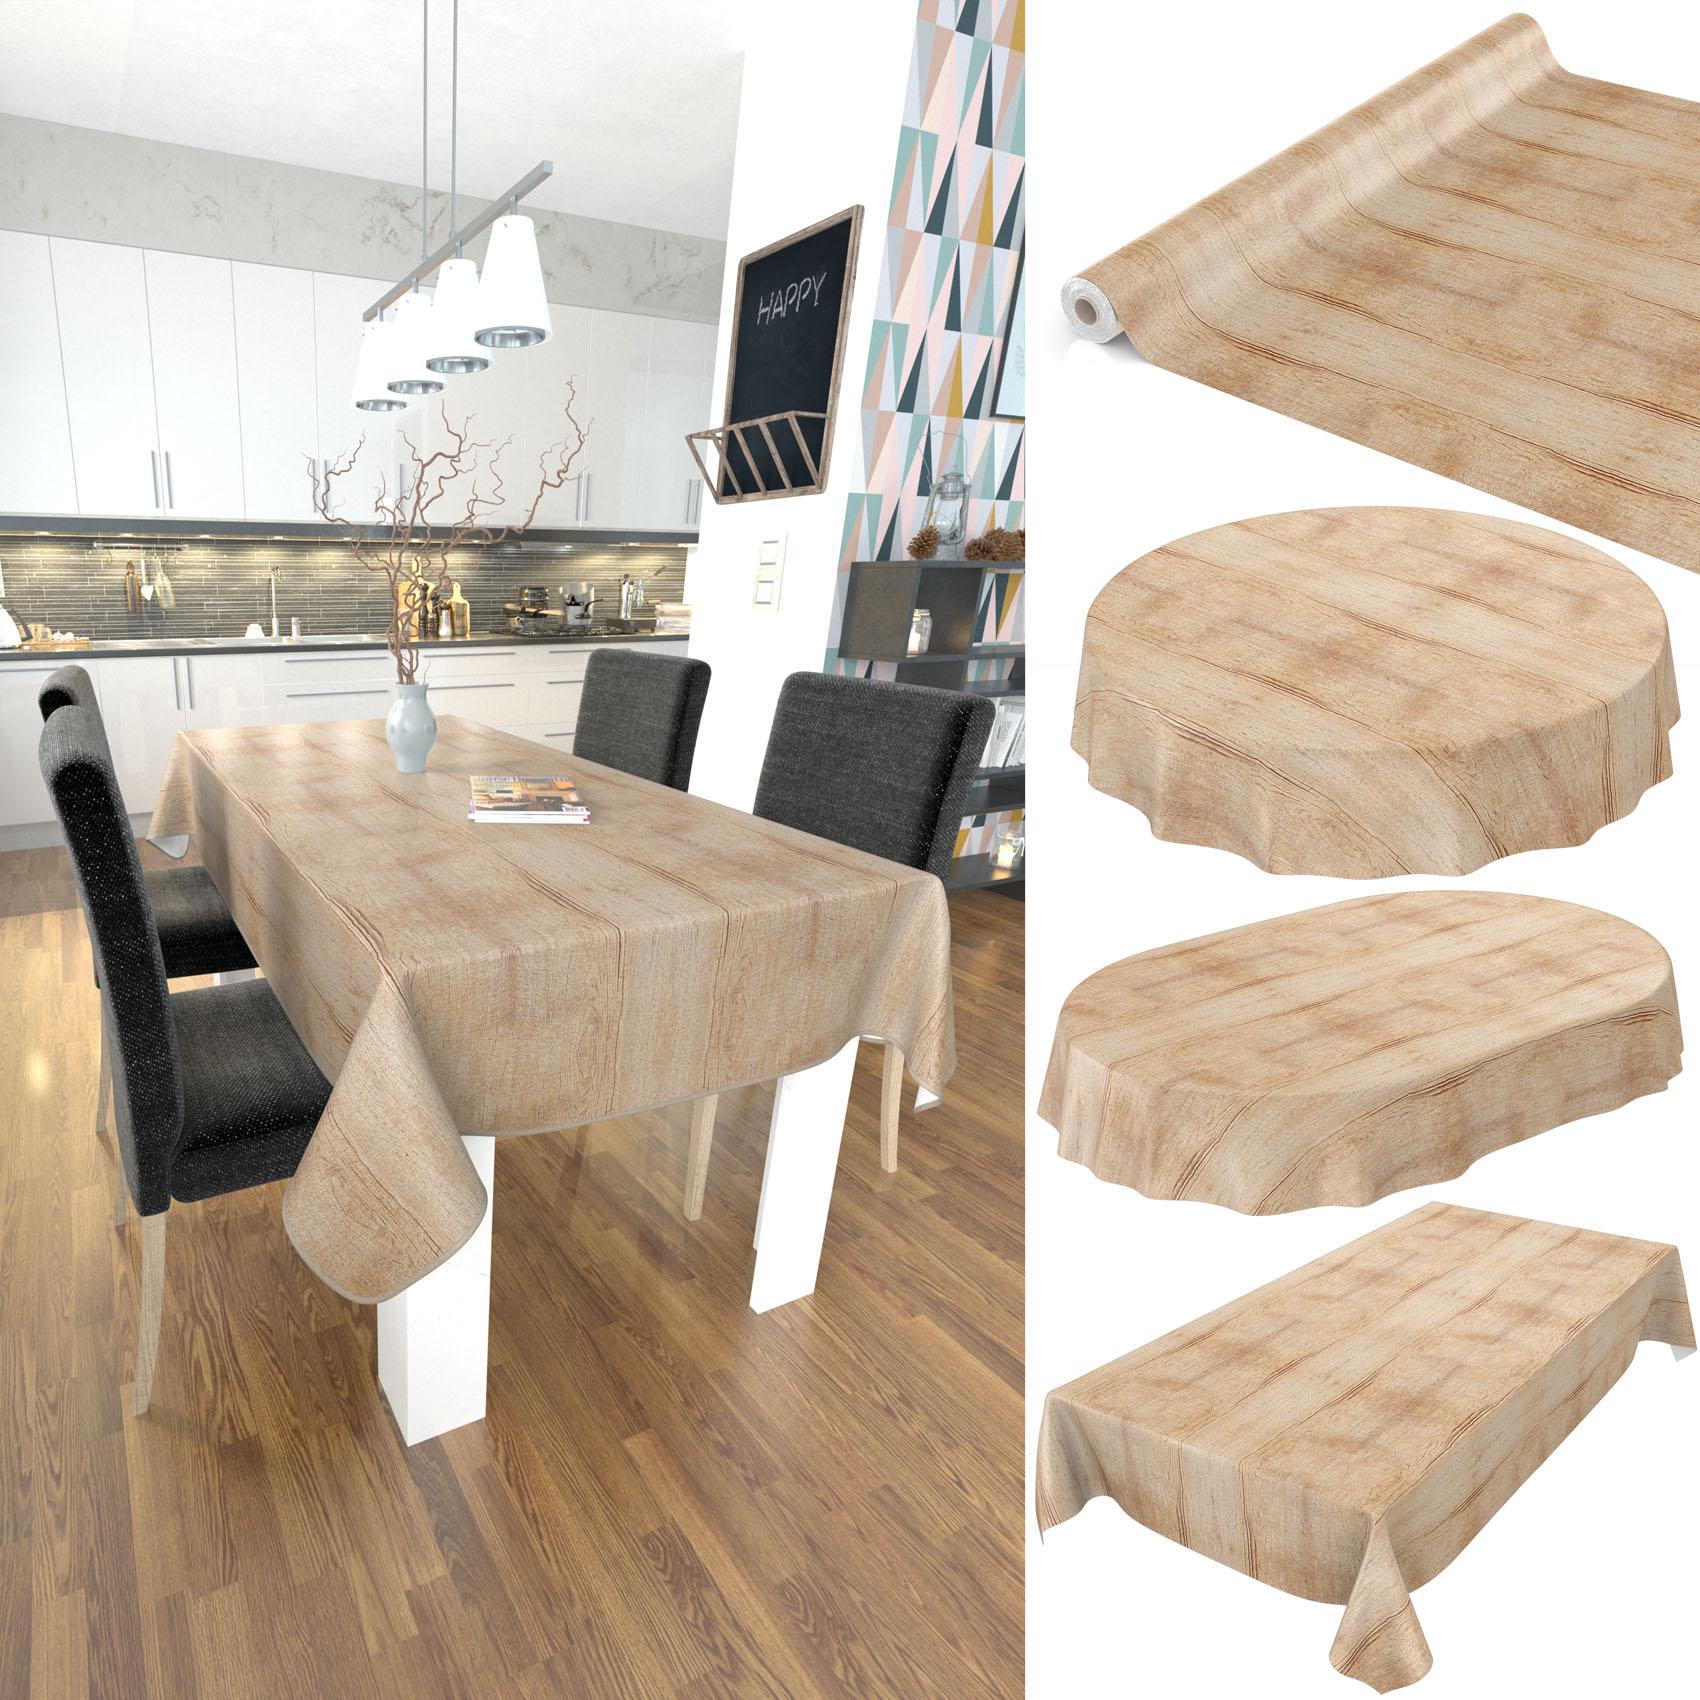 Tischdecke Abwaschbar Wachstuch Holzoptik Rund 120 Cm Braun bestimmt für Tischdecke Holzoptik